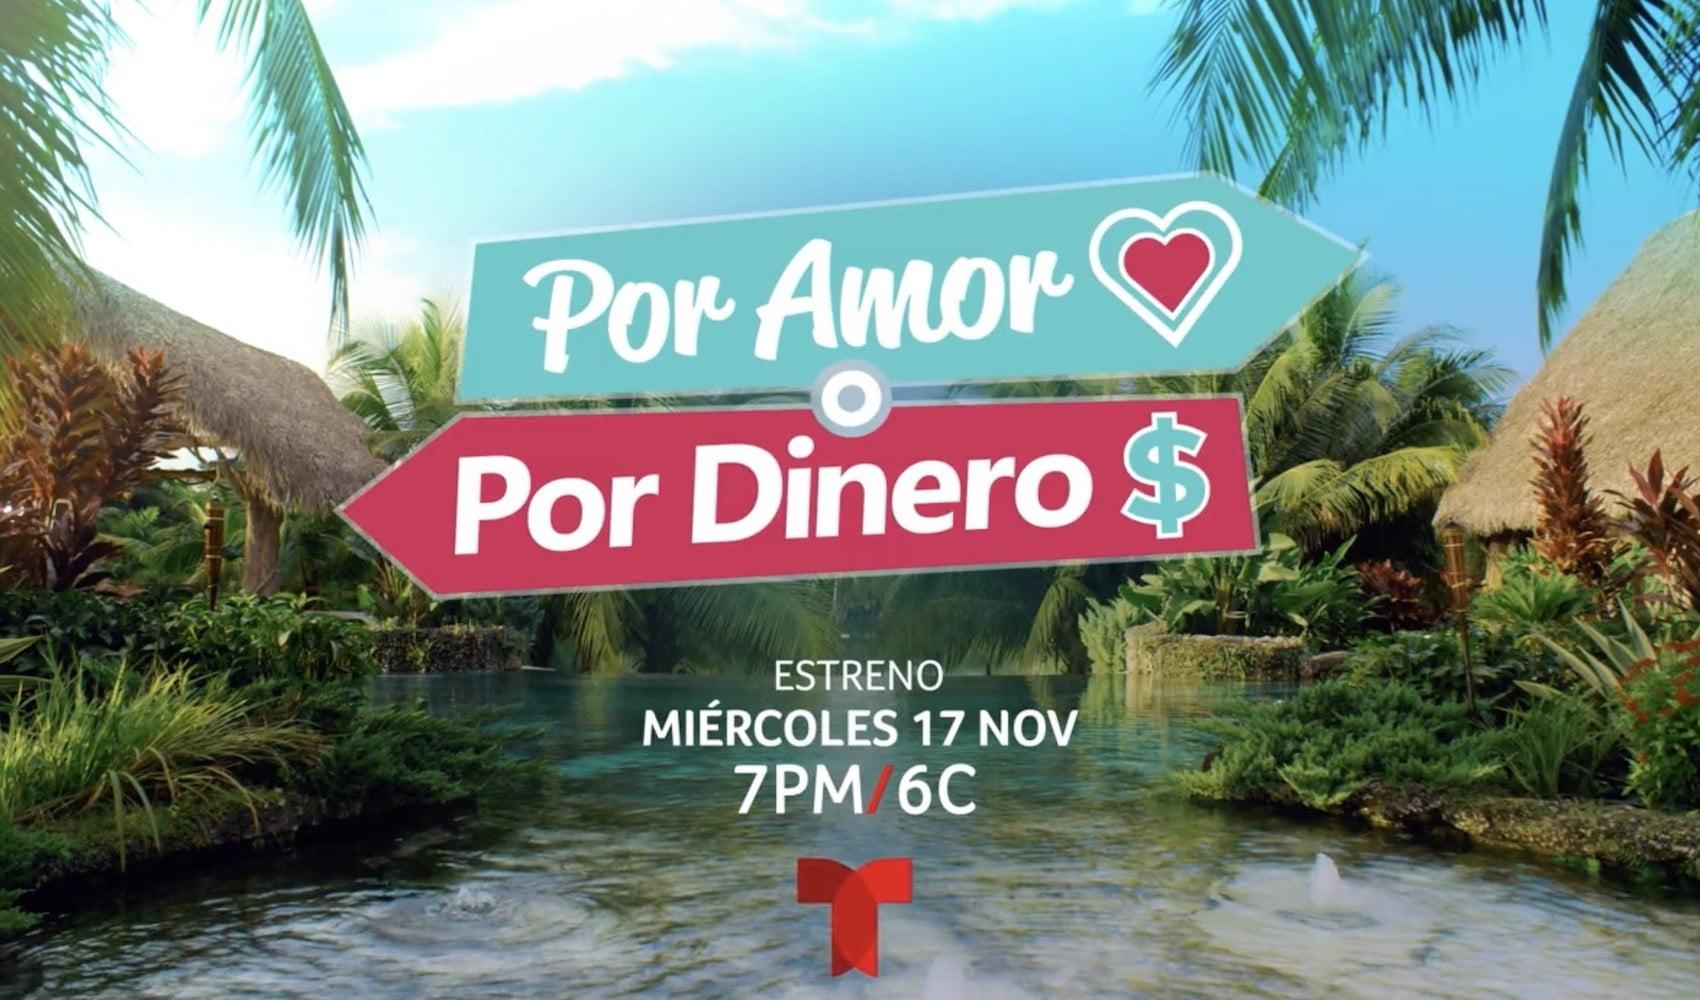 1634921557 Por Amor o Por Dinero how to watch Telemundos new